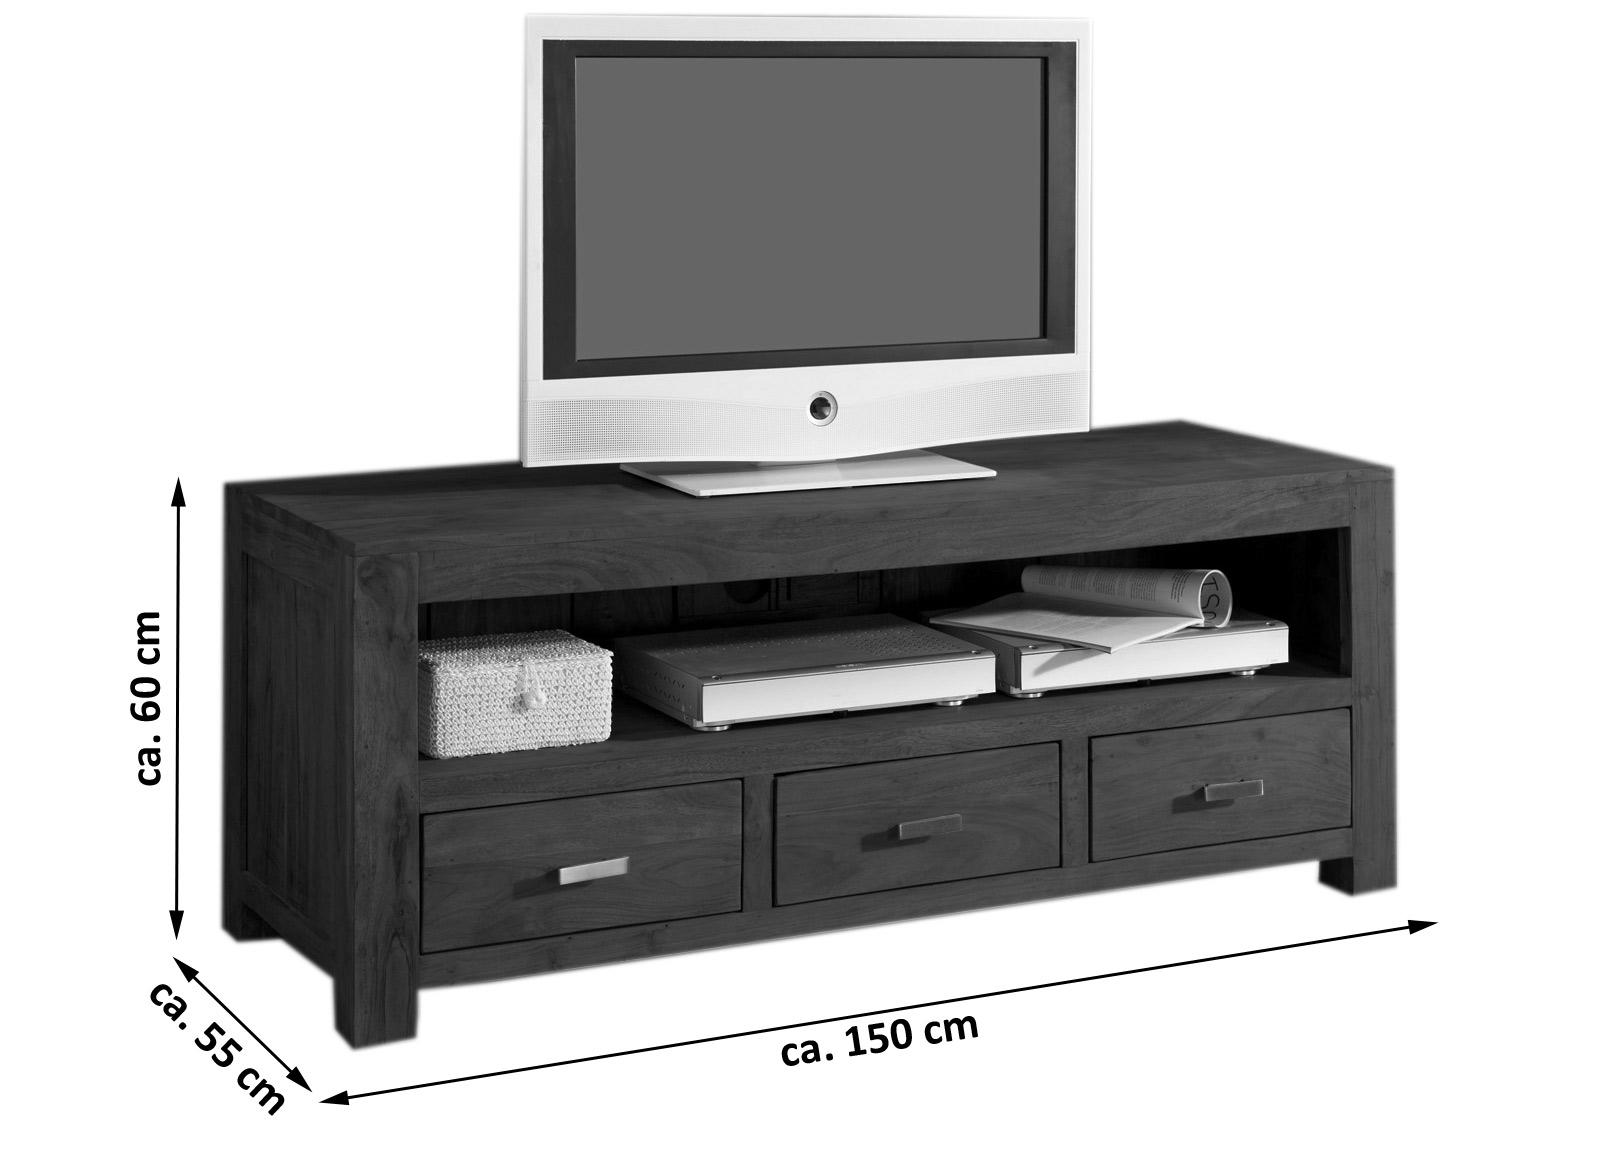 sale lowboard tv board 150 cm akazie massiv tabak timber 6618. Black Bedroom Furniture Sets. Home Design Ideas